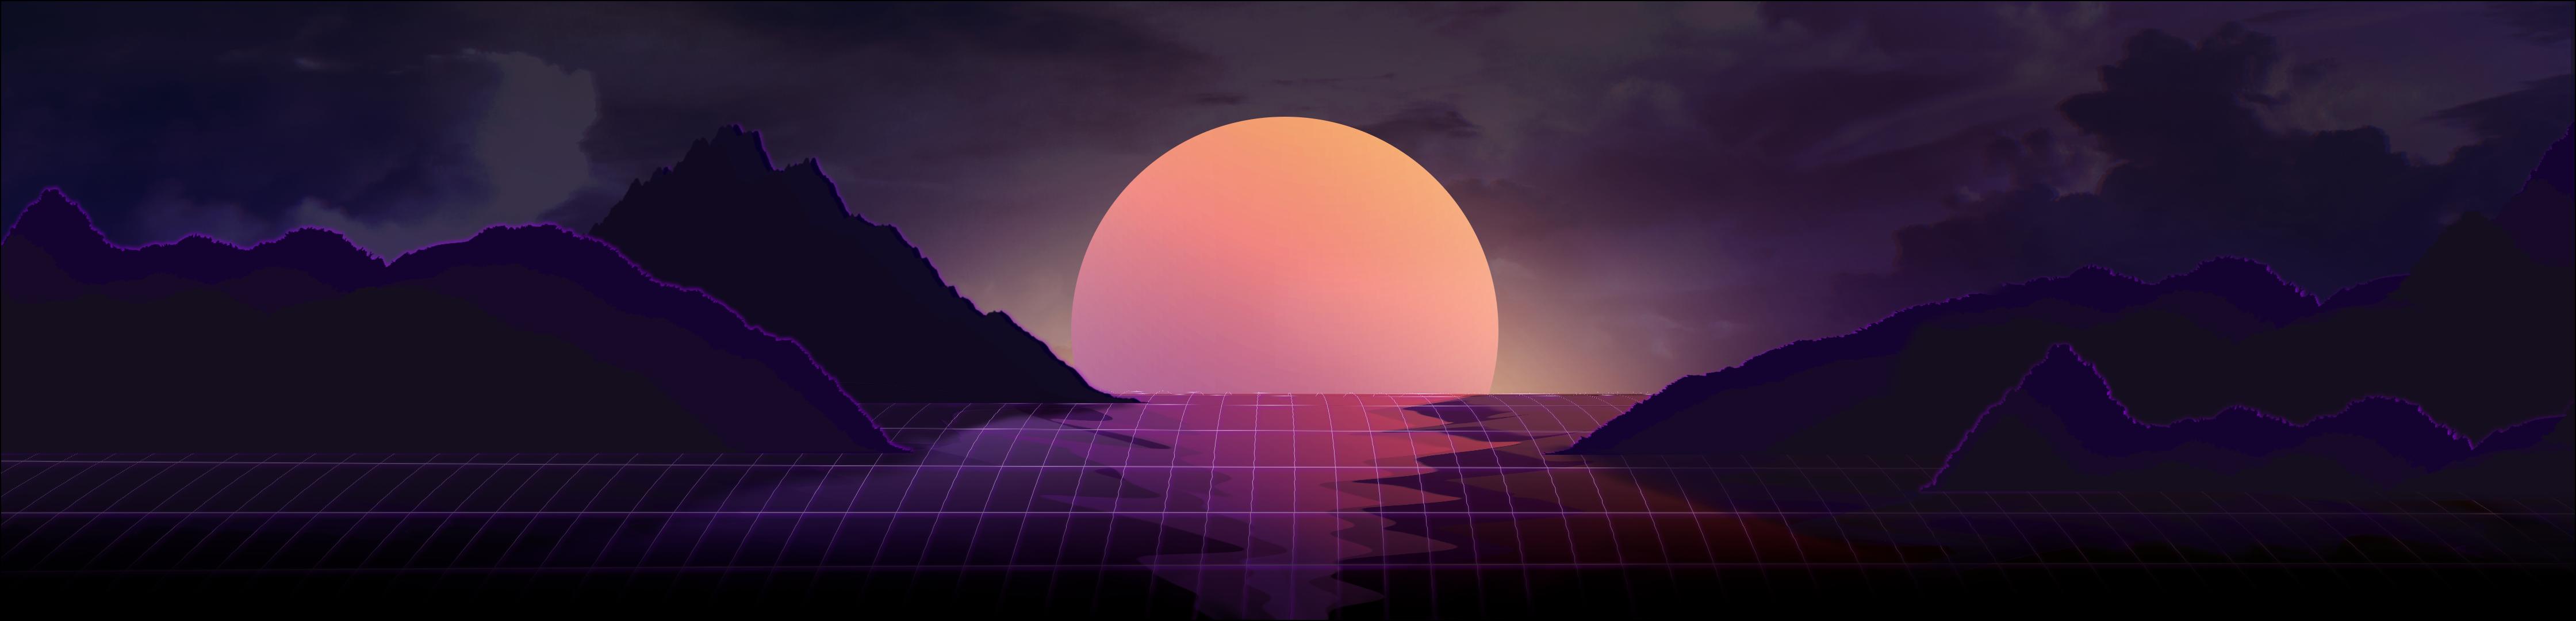 Vaporwave Sunset V2 4480x1080 Psd Sunset Wallpaper Iphone Wallpaper Vaporwave Wallpaper Iphone Summer